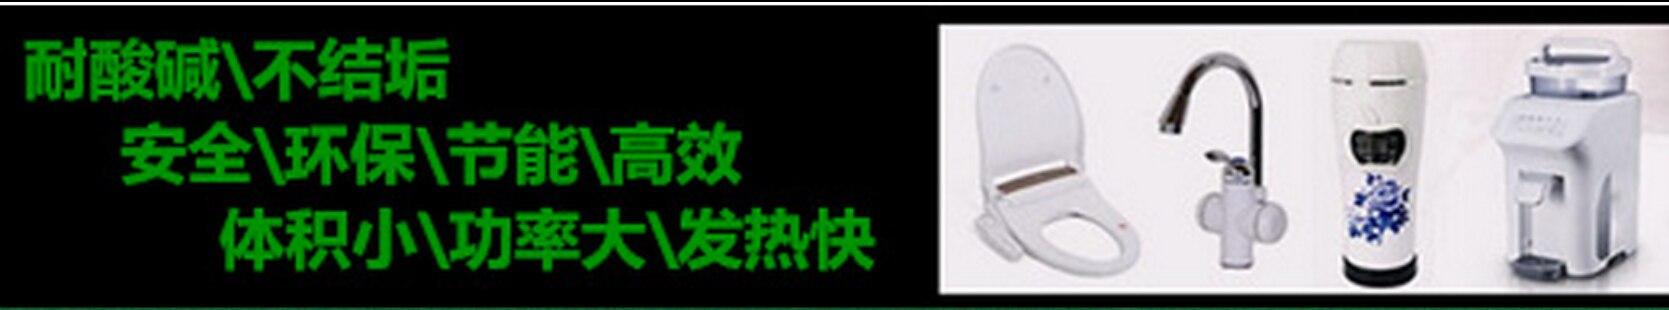 Высокая температура, керамический нагревательная трубка нагрева воды нагреватель жидкости 11,5*6,5 мм длина 90-115MM220v